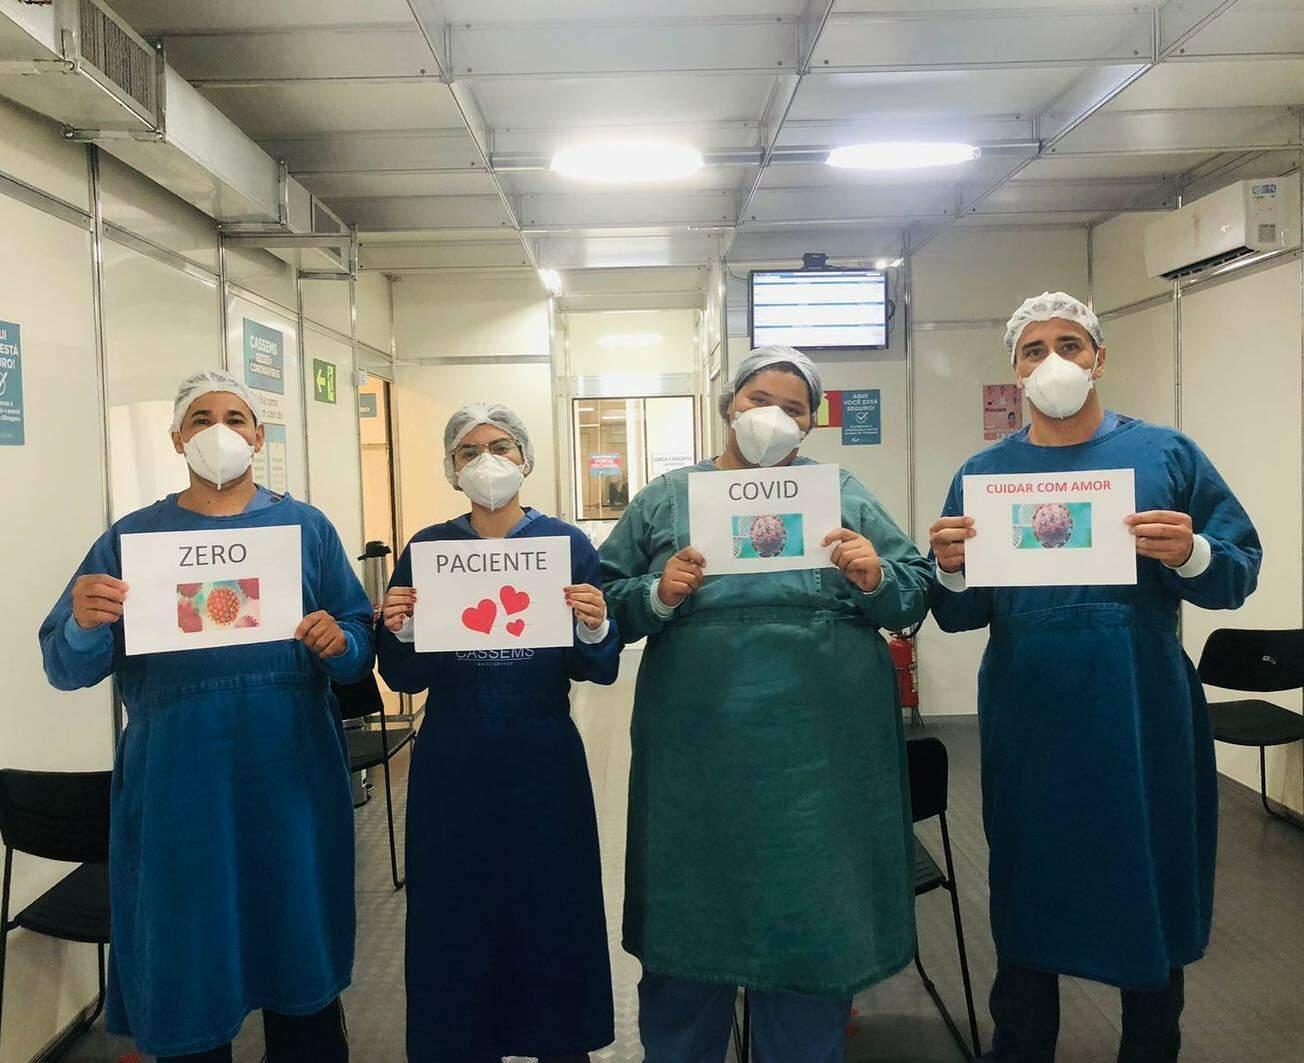 Profissionais da saúde seguram cartazes com os dizeres sobre a falta de pacientes com covid no hospital. (Foto: Cassems/Reprodução)